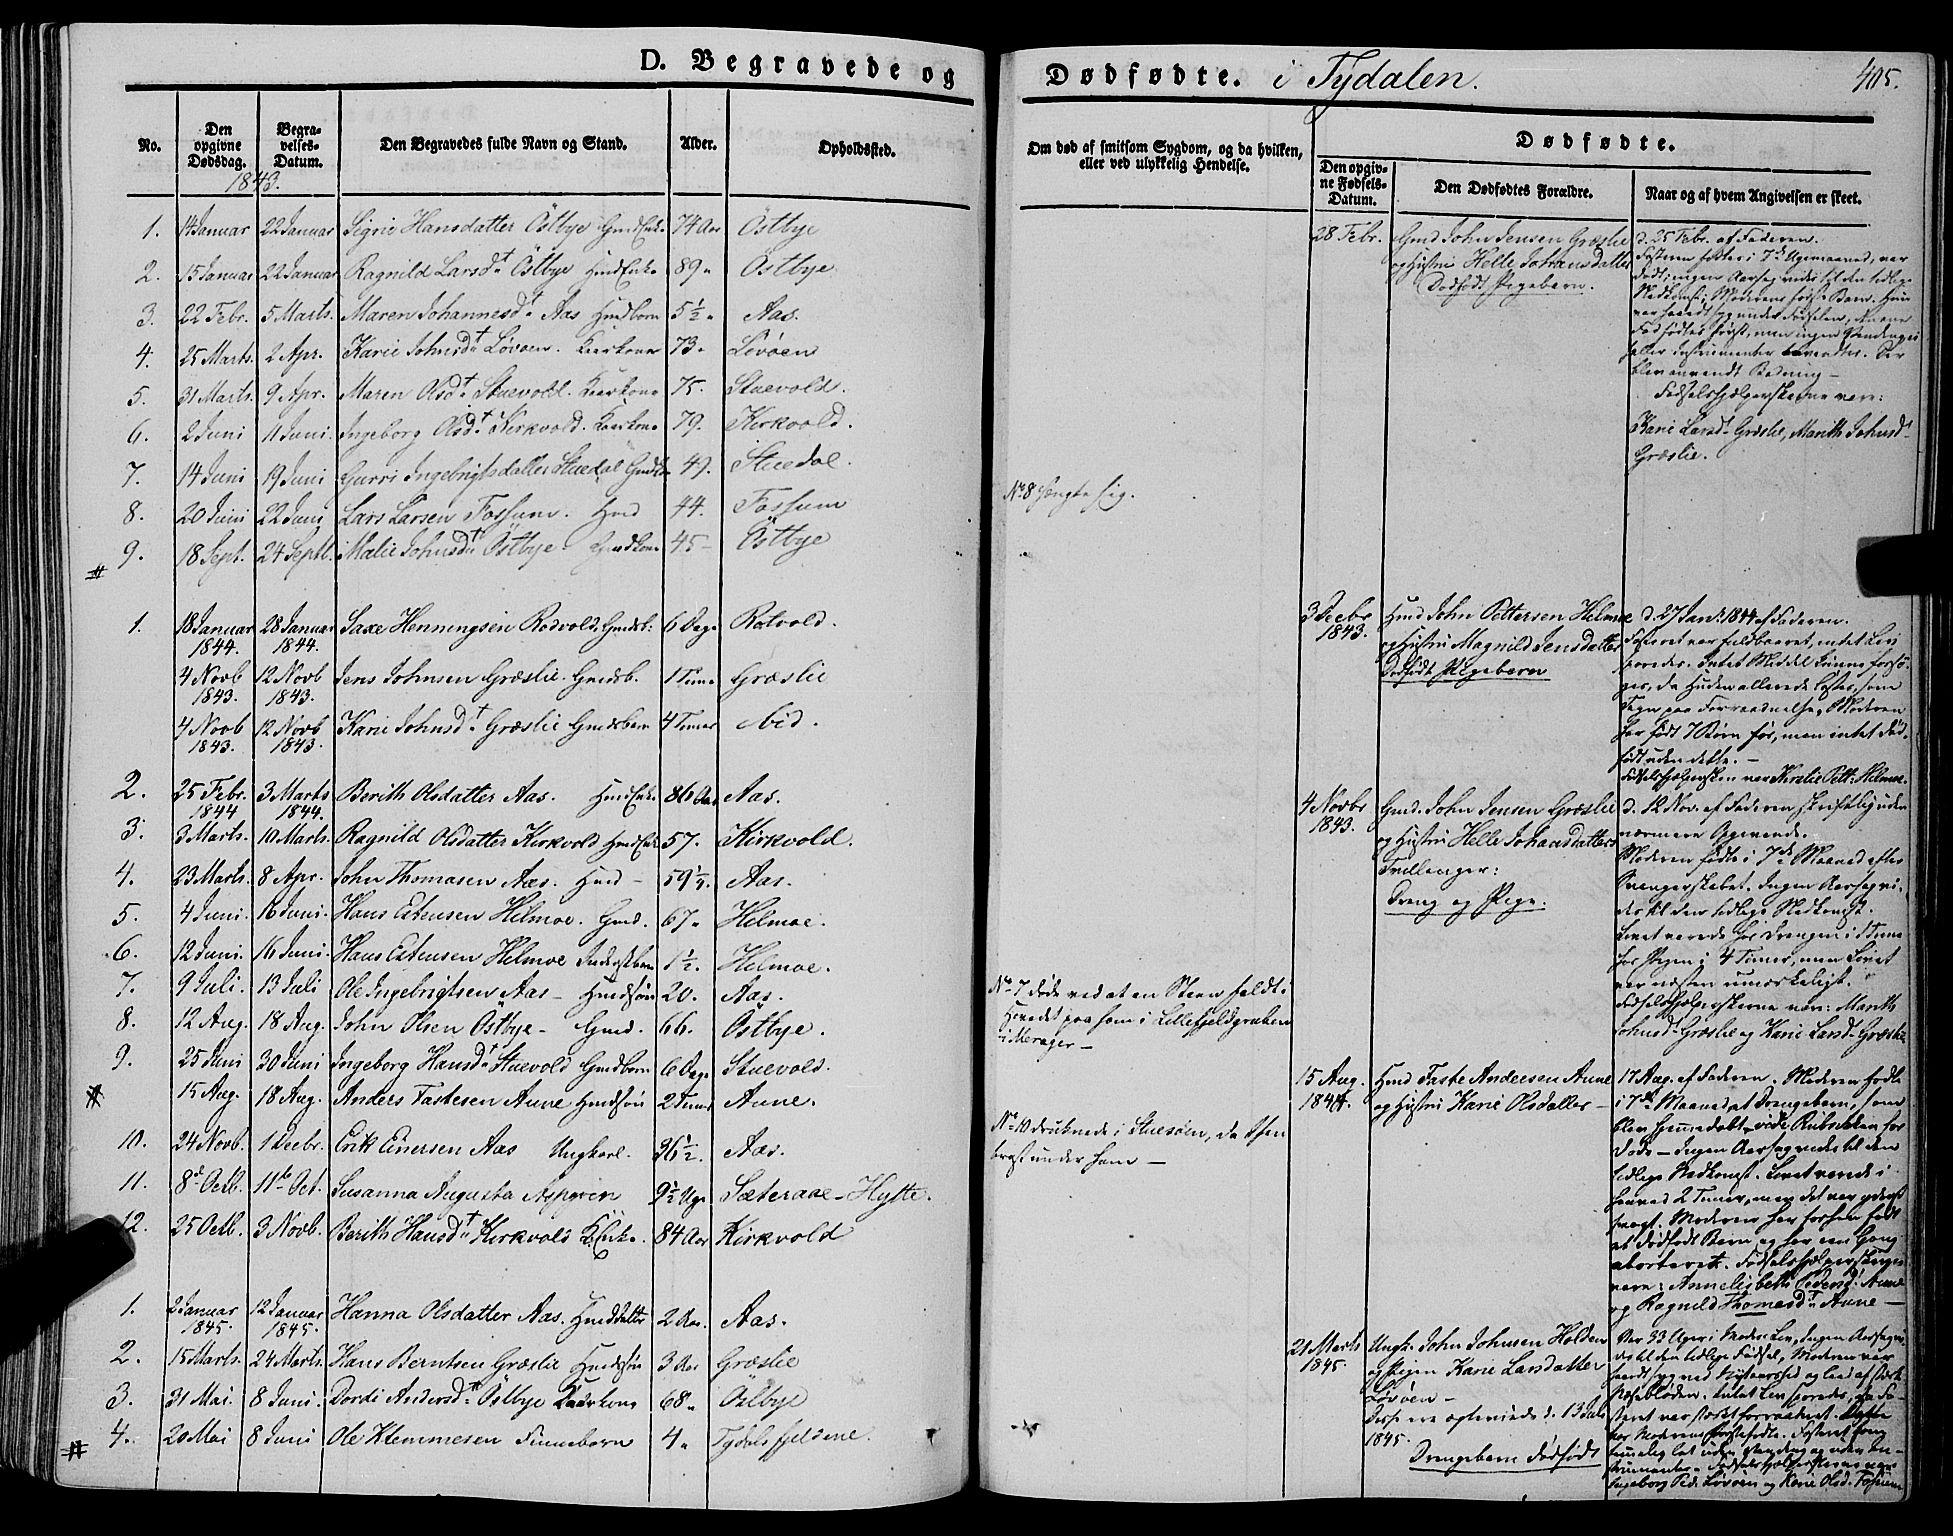 SAT, Ministerialprotokoller, klokkerbøker og fødselsregistre - Sør-Trøndelag, 695/L1146: Ministerialbok nr. 695A06 /2, 1843-1859, s. 405